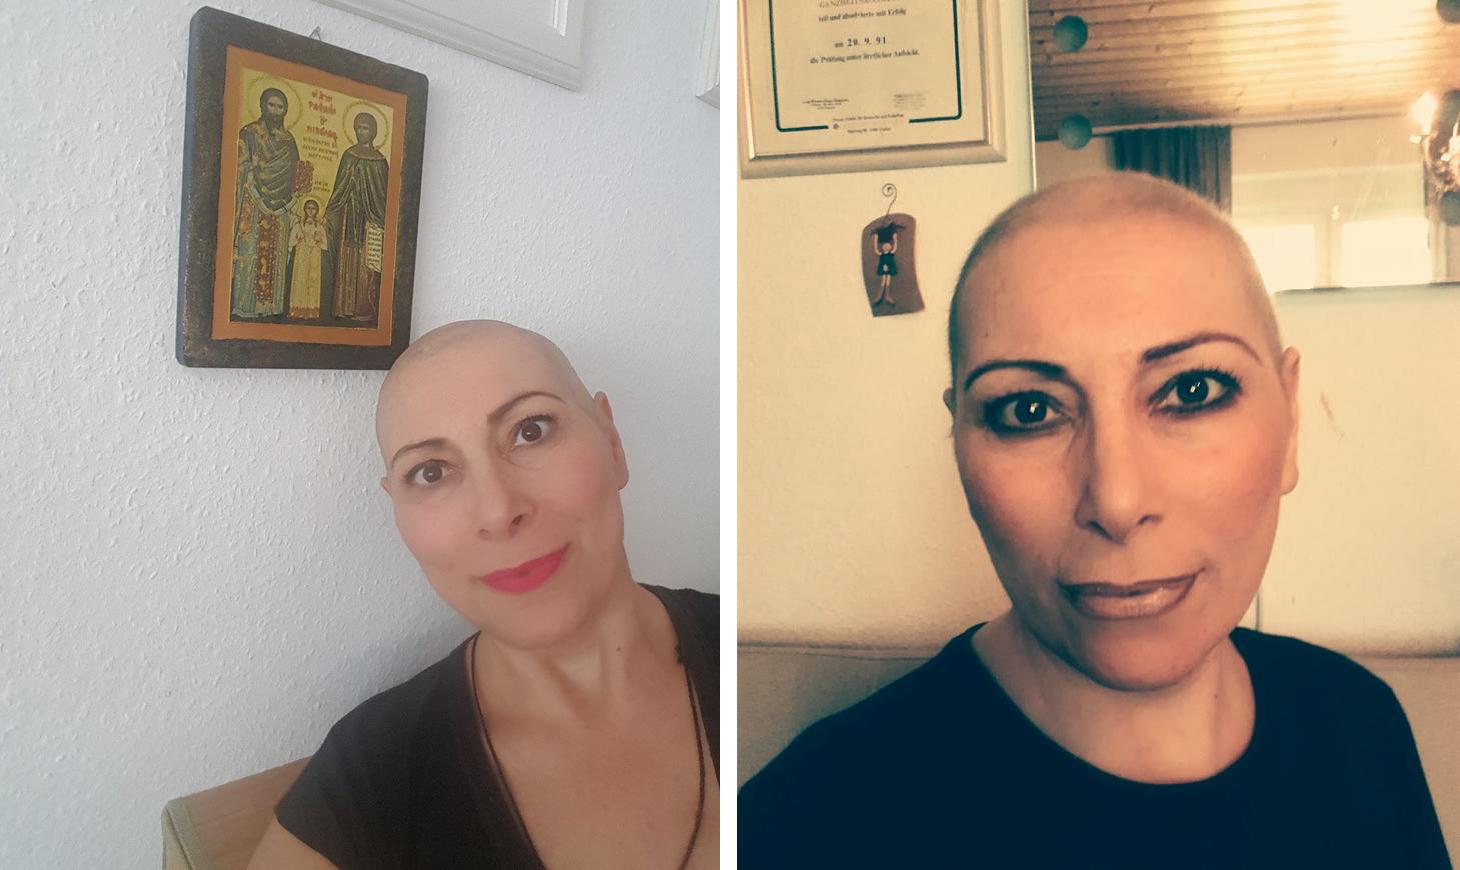 Μαθήματα ζωής απο μία καρκινοπαθή Ελληνίδα απο τη Φρανγκφούρτη